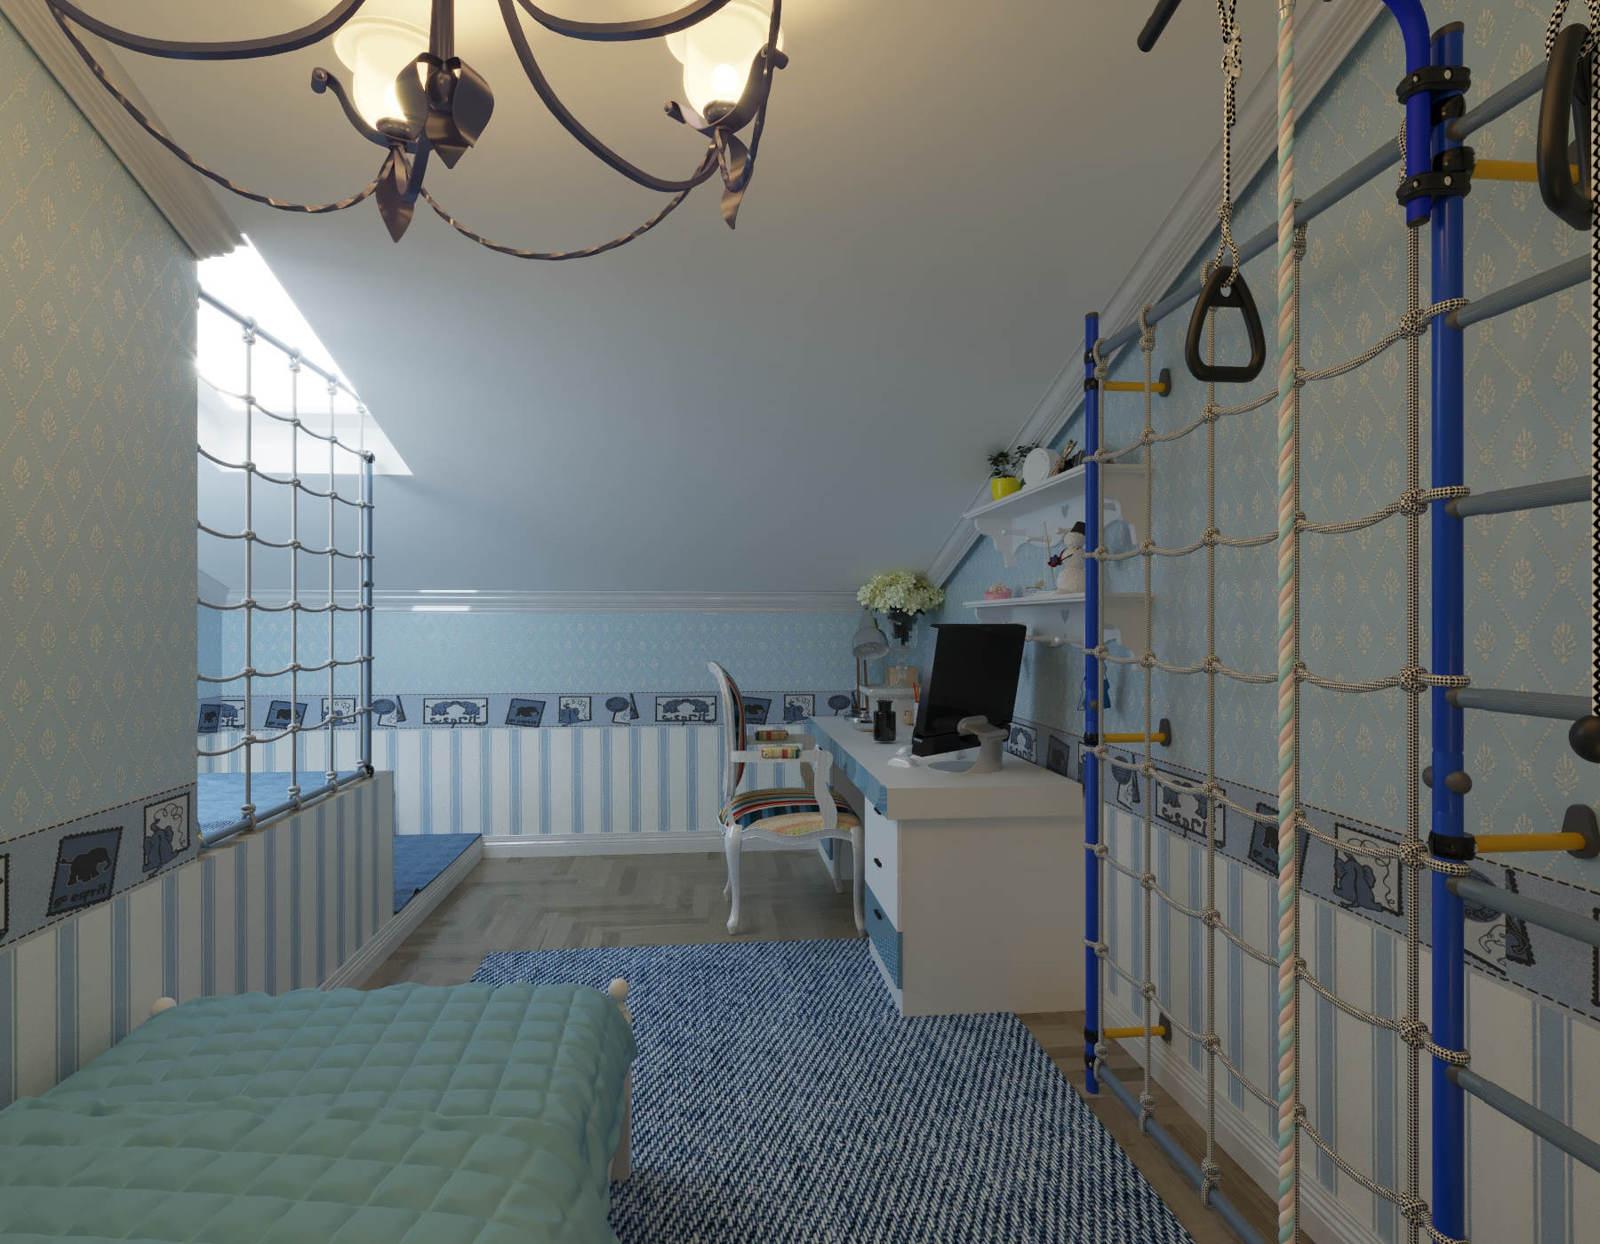 Дизайн детской комнаты Киев с спортивным уголком, шведская стенка, легкая классика, прованс